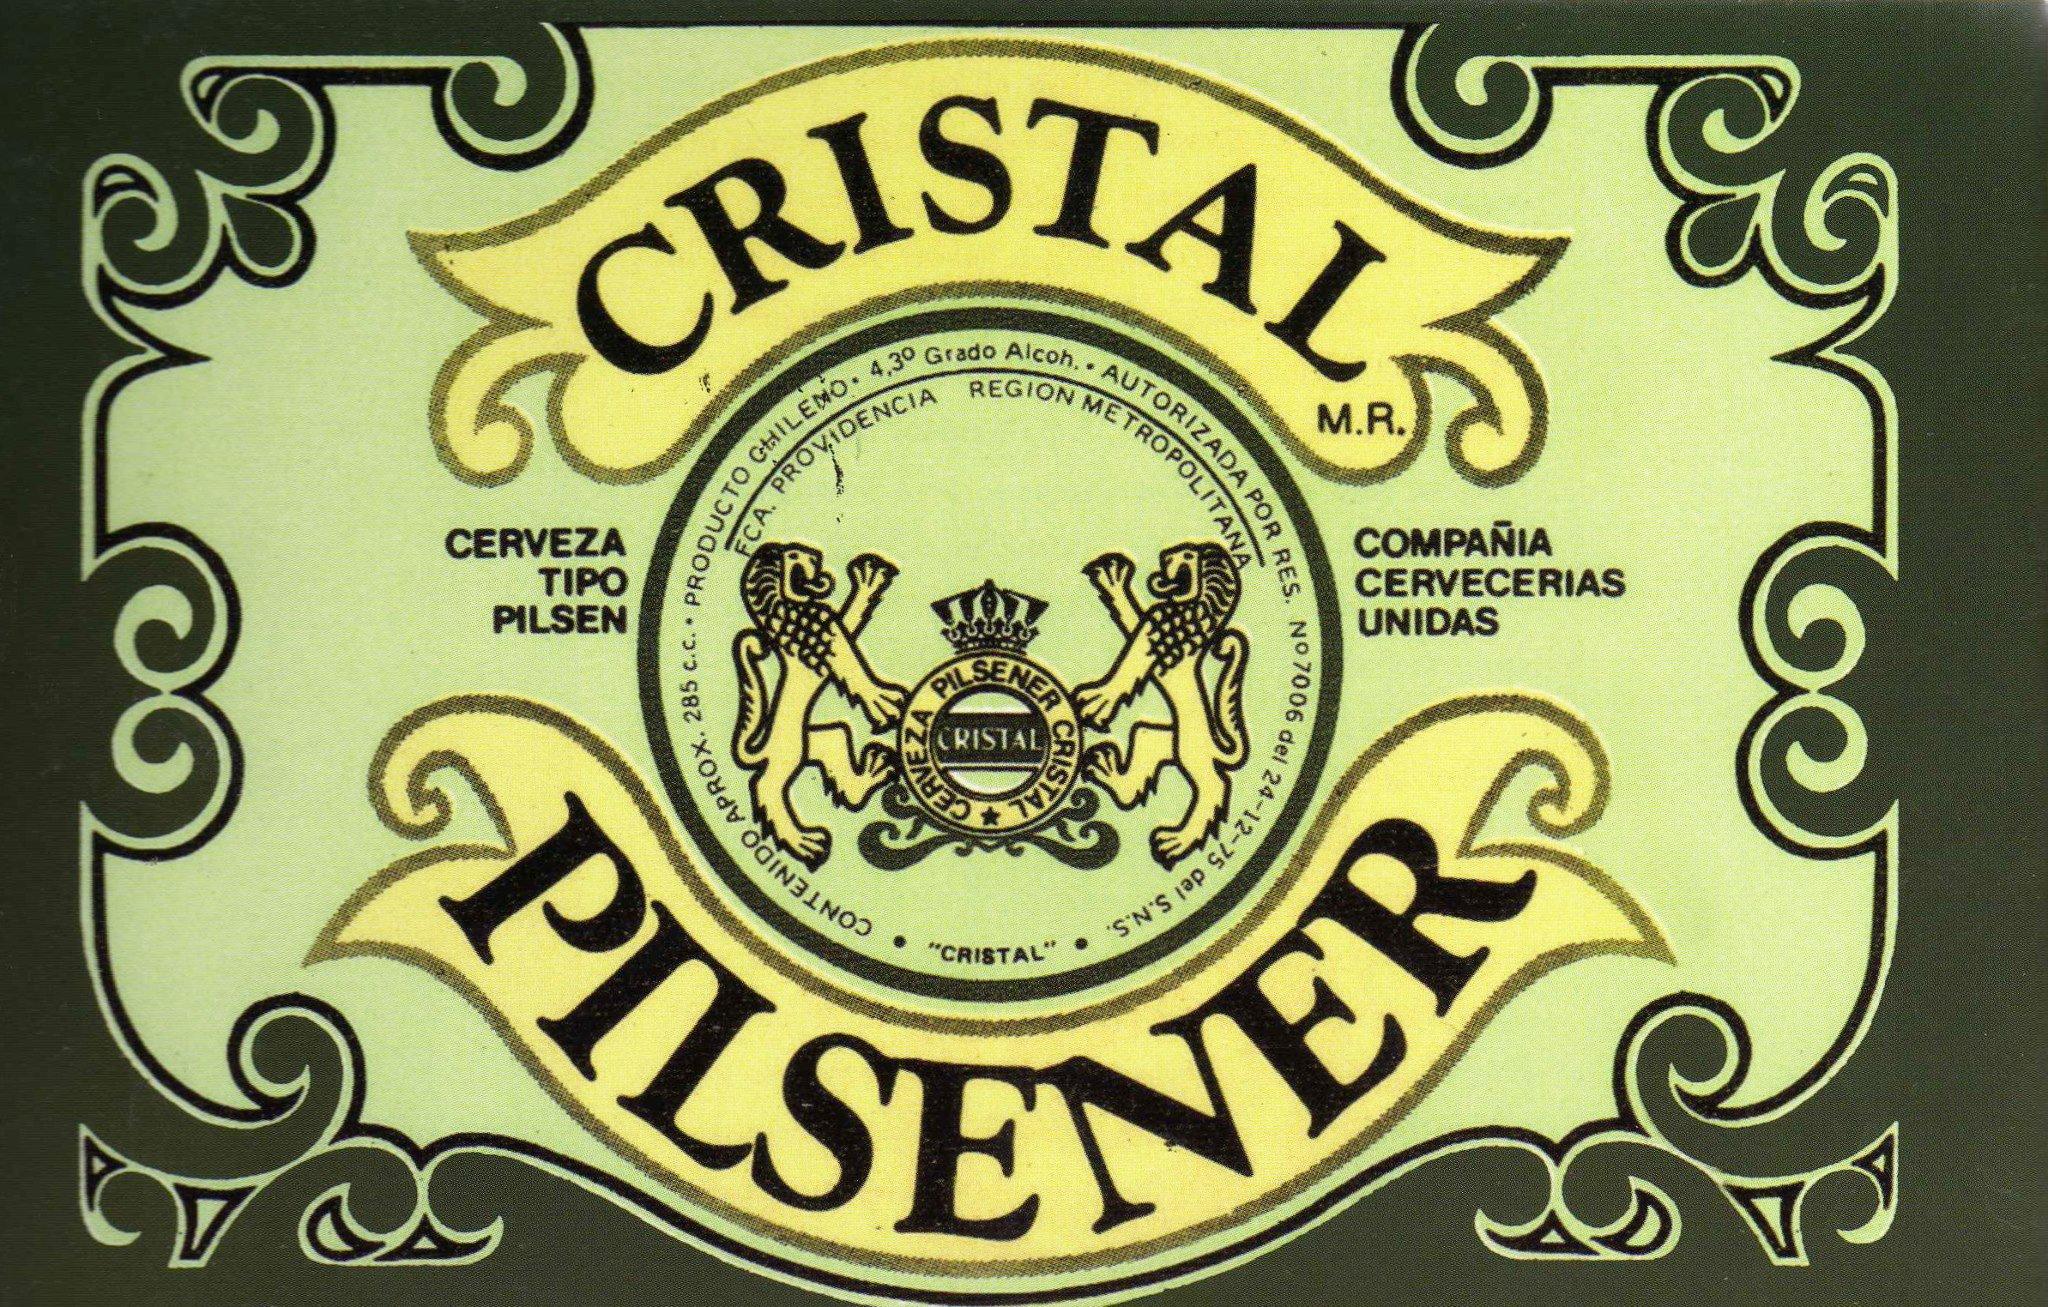 Cerveza Cristal (Chile)